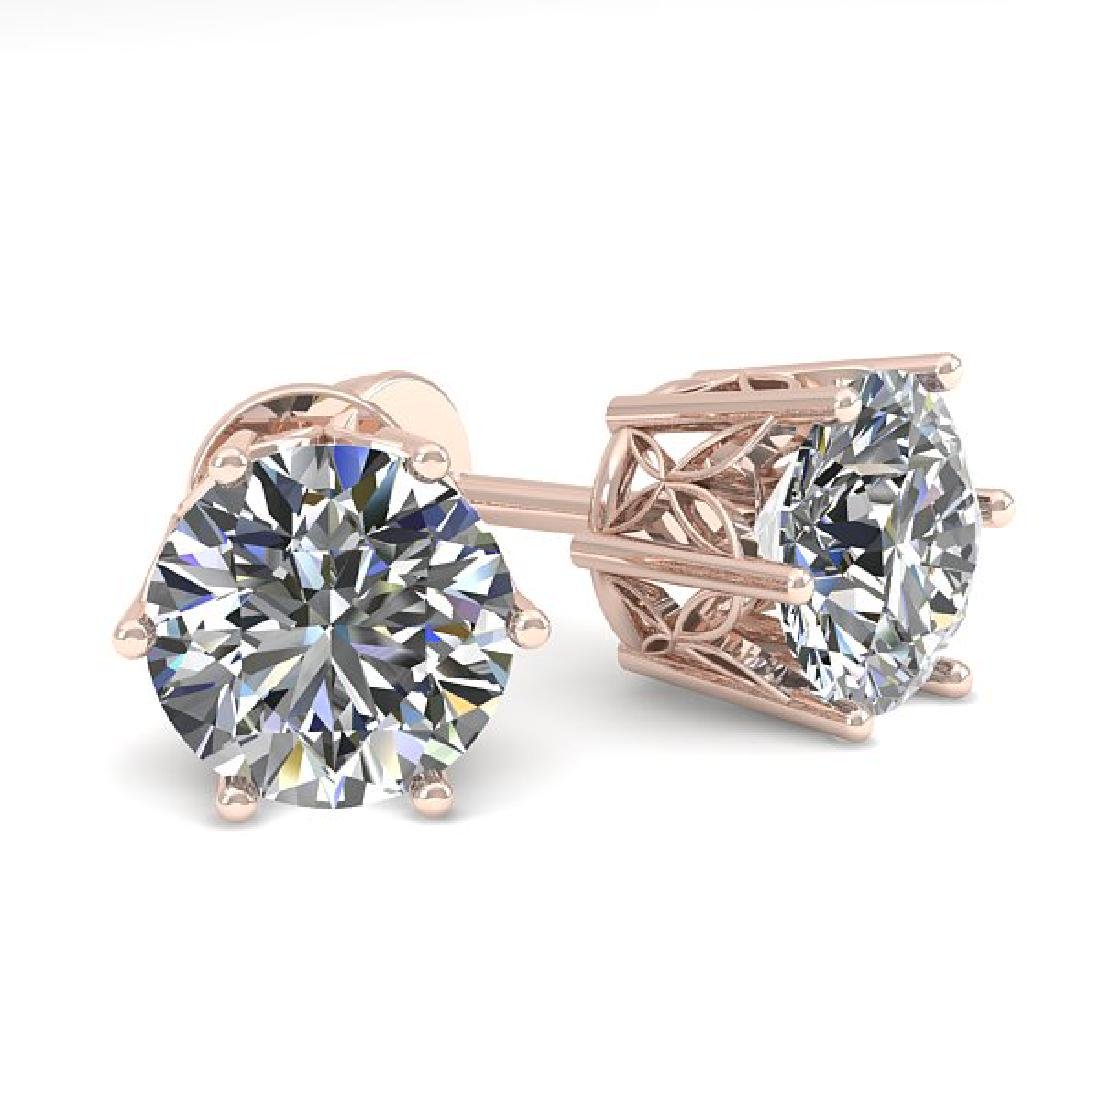 1.55 CTW Certified VS/SI Diamond Stud Art Deco Earrings